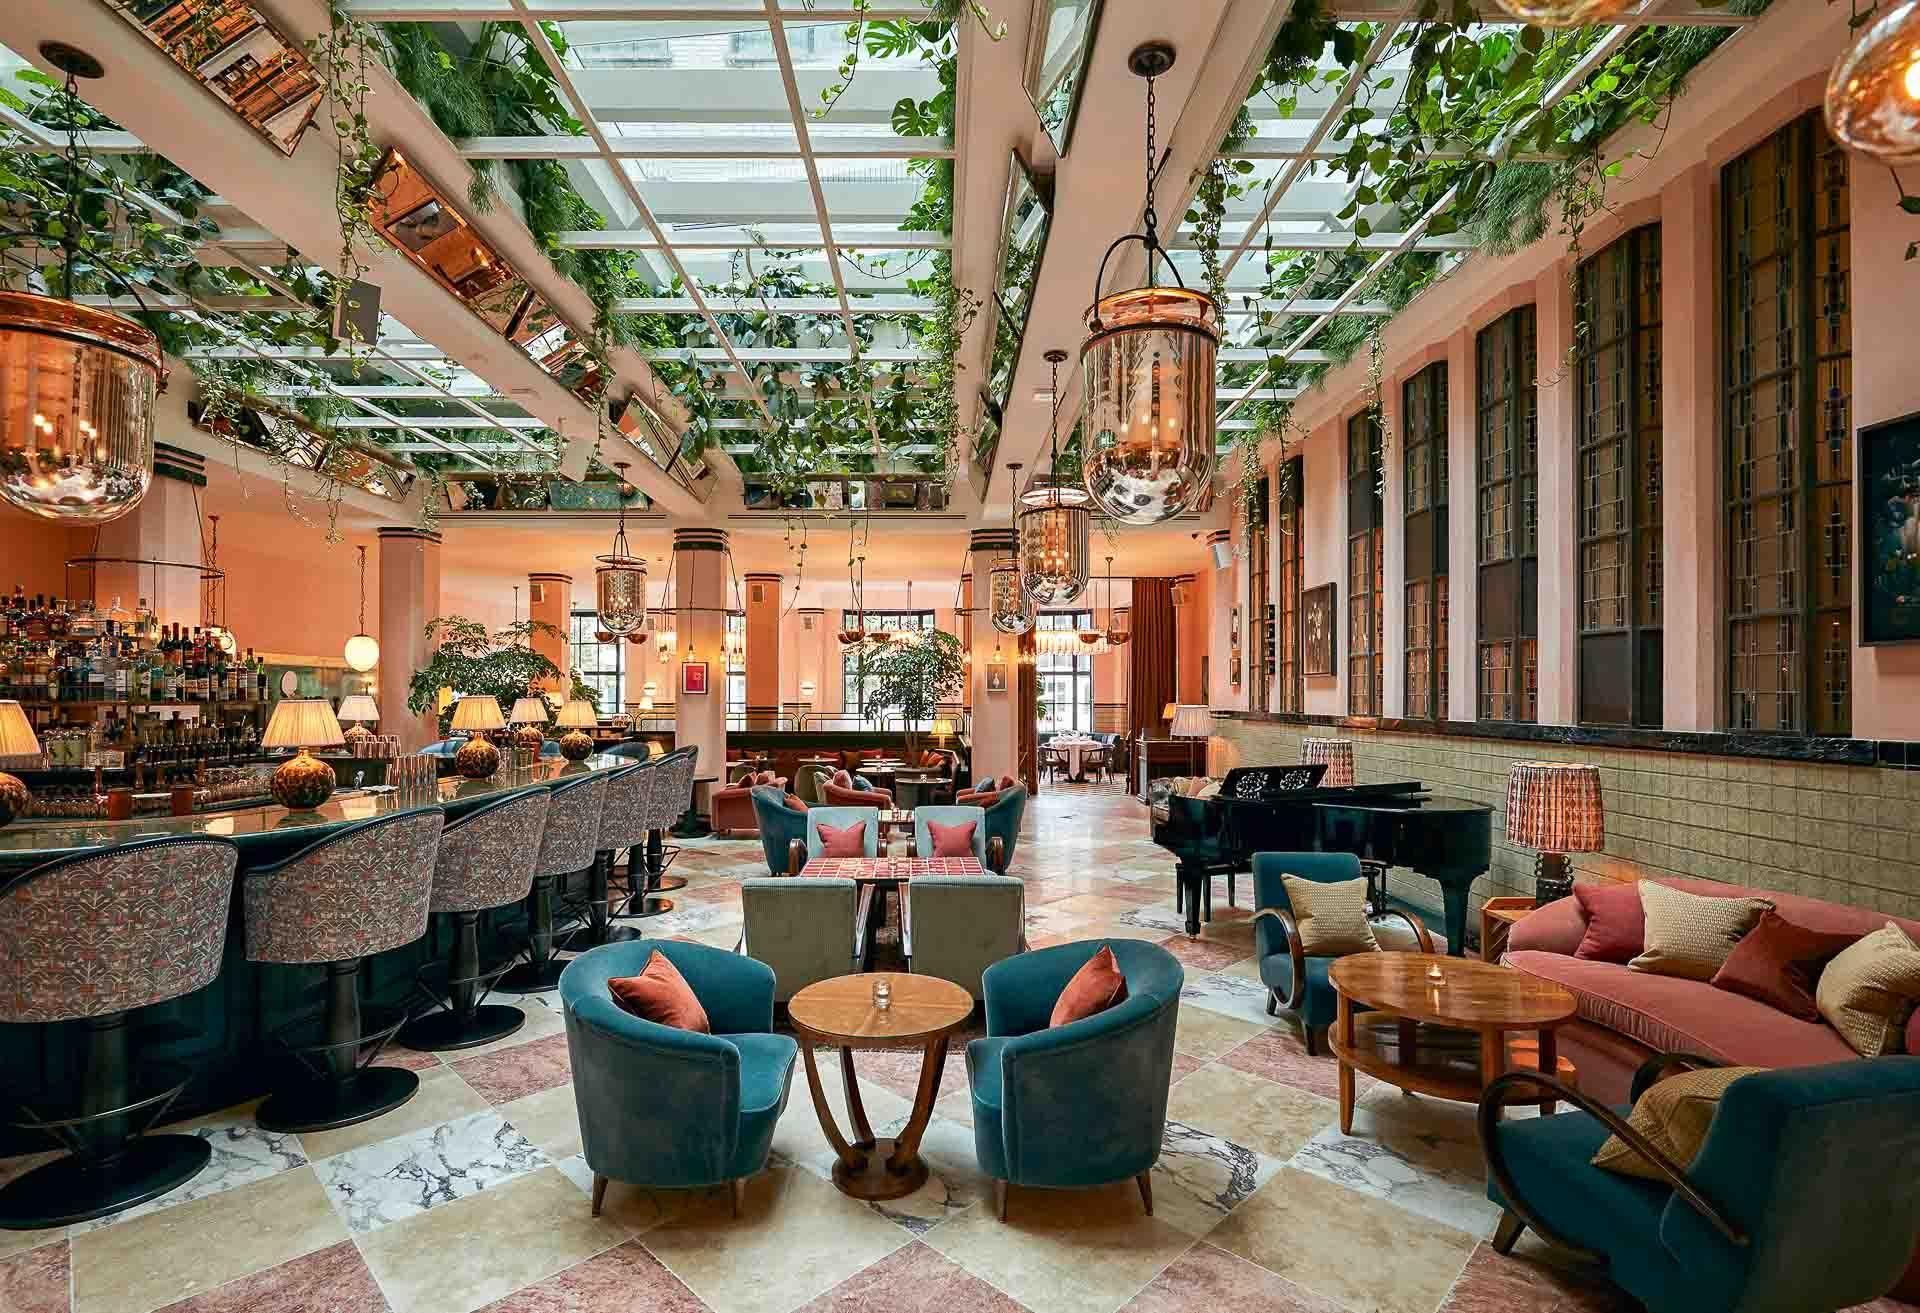 Soho House Mykonos Google Search Amsterdam Restaurant Amsterdam Hotel Soho House